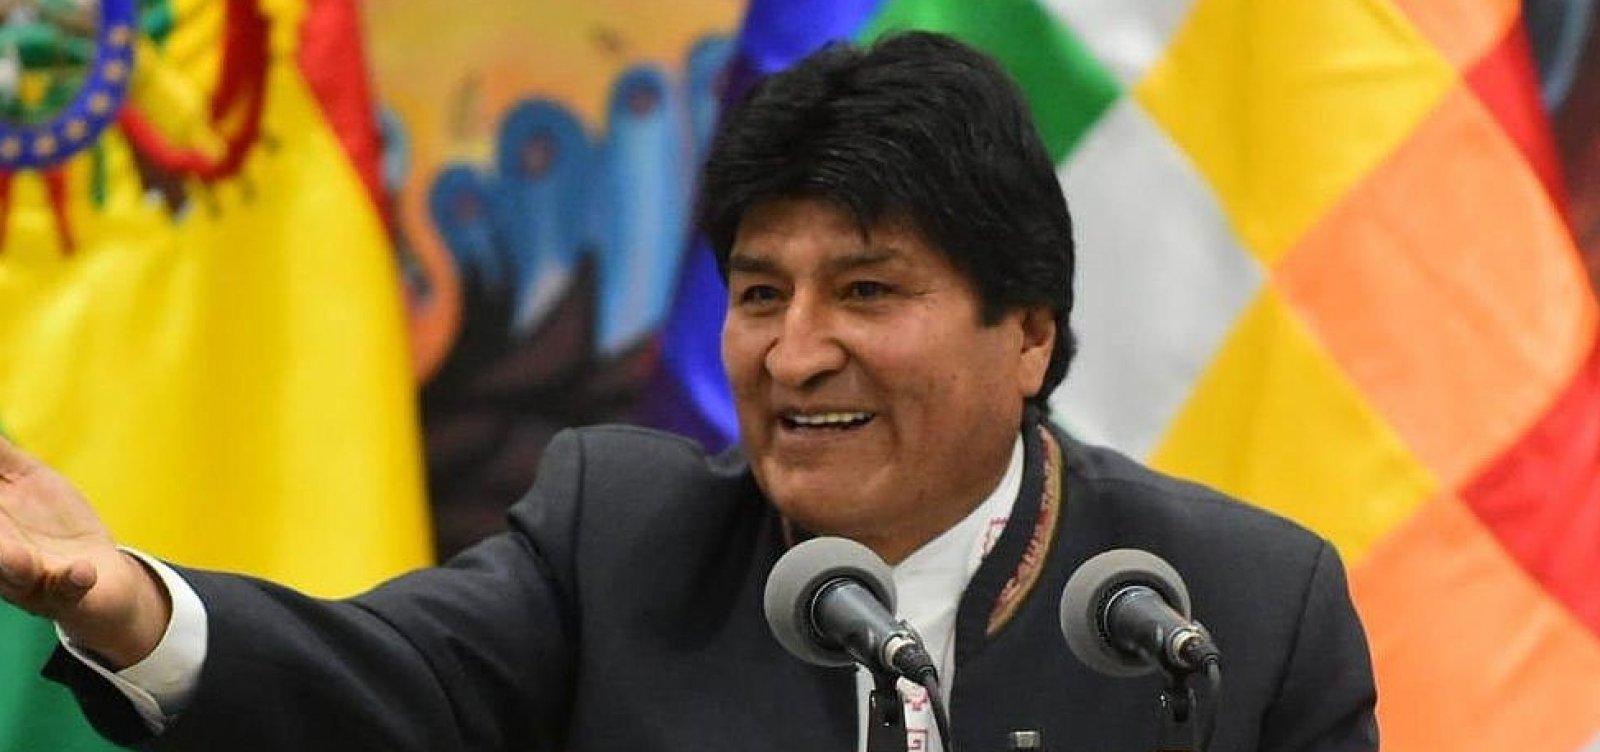 Evo Morales aceita asilo oferecido pelo México